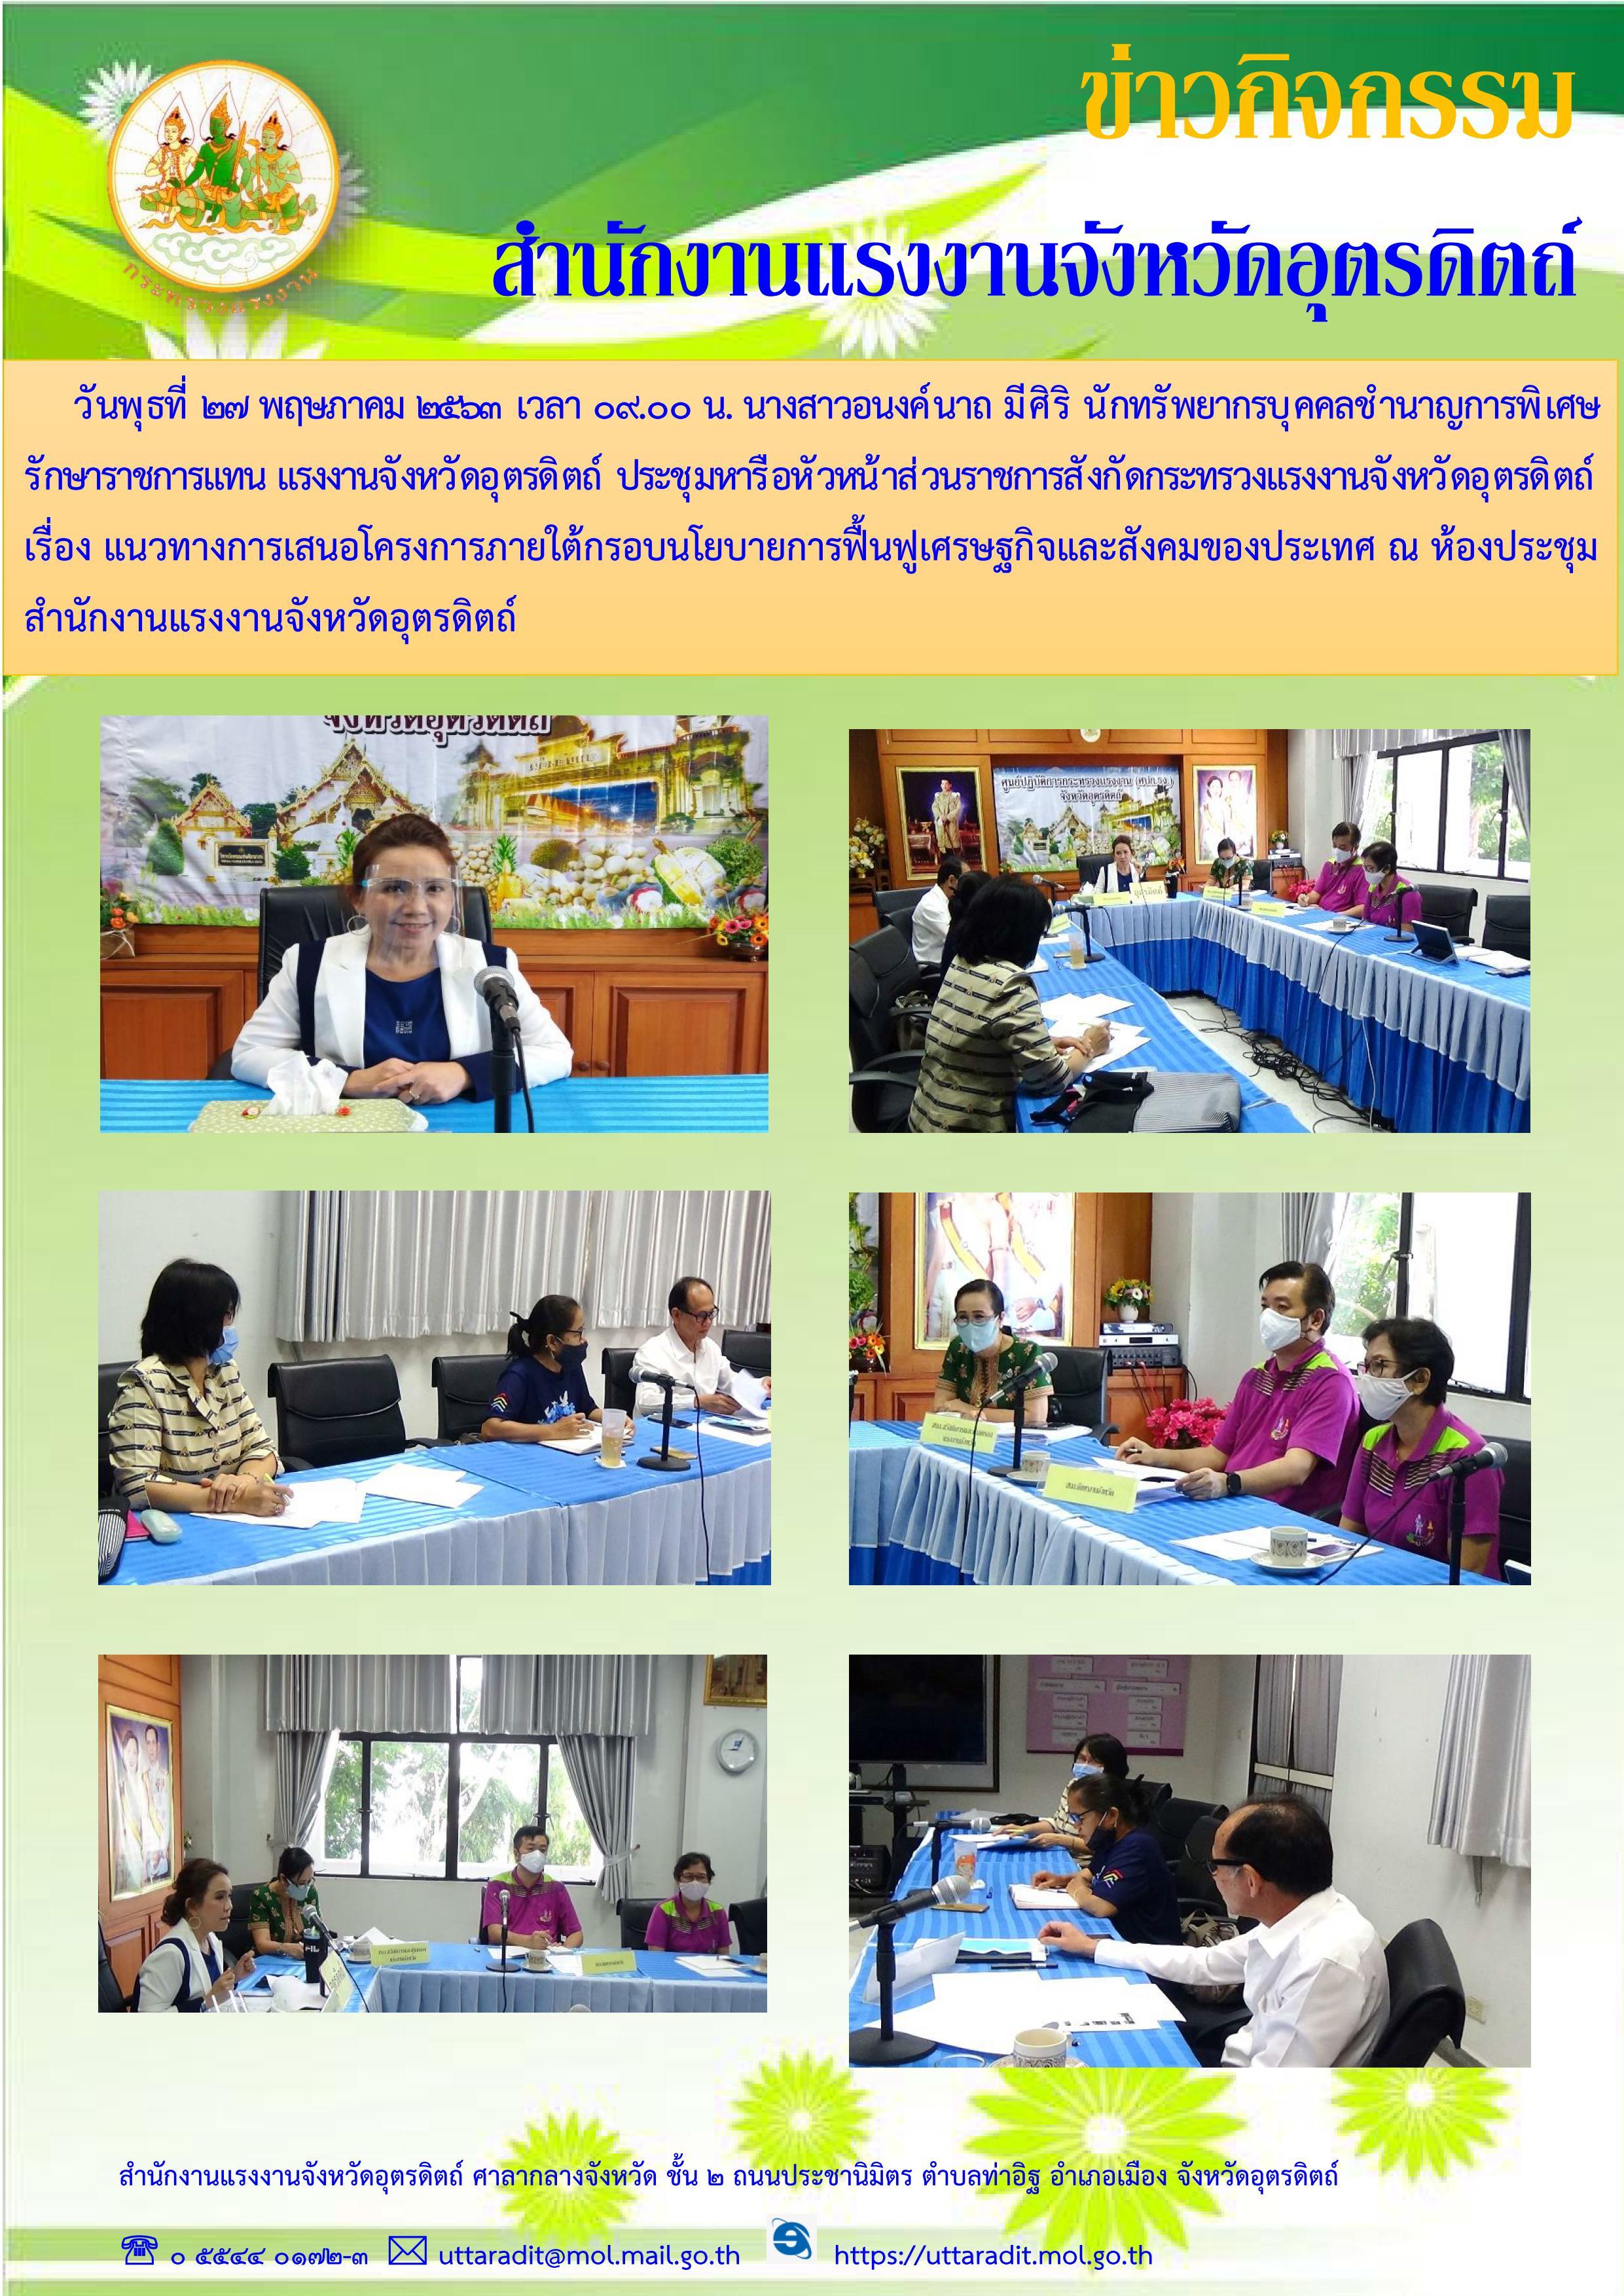 ประชุมหารือหัวหน้าส่วนราชการสังกัดกระทรวงแรงงาน เรื่อง แนวทางการเสนอโครงการภายใต้กรอบนโยบายการฟื้นฟูเศรษฐกิจและสังคมของประเทศ